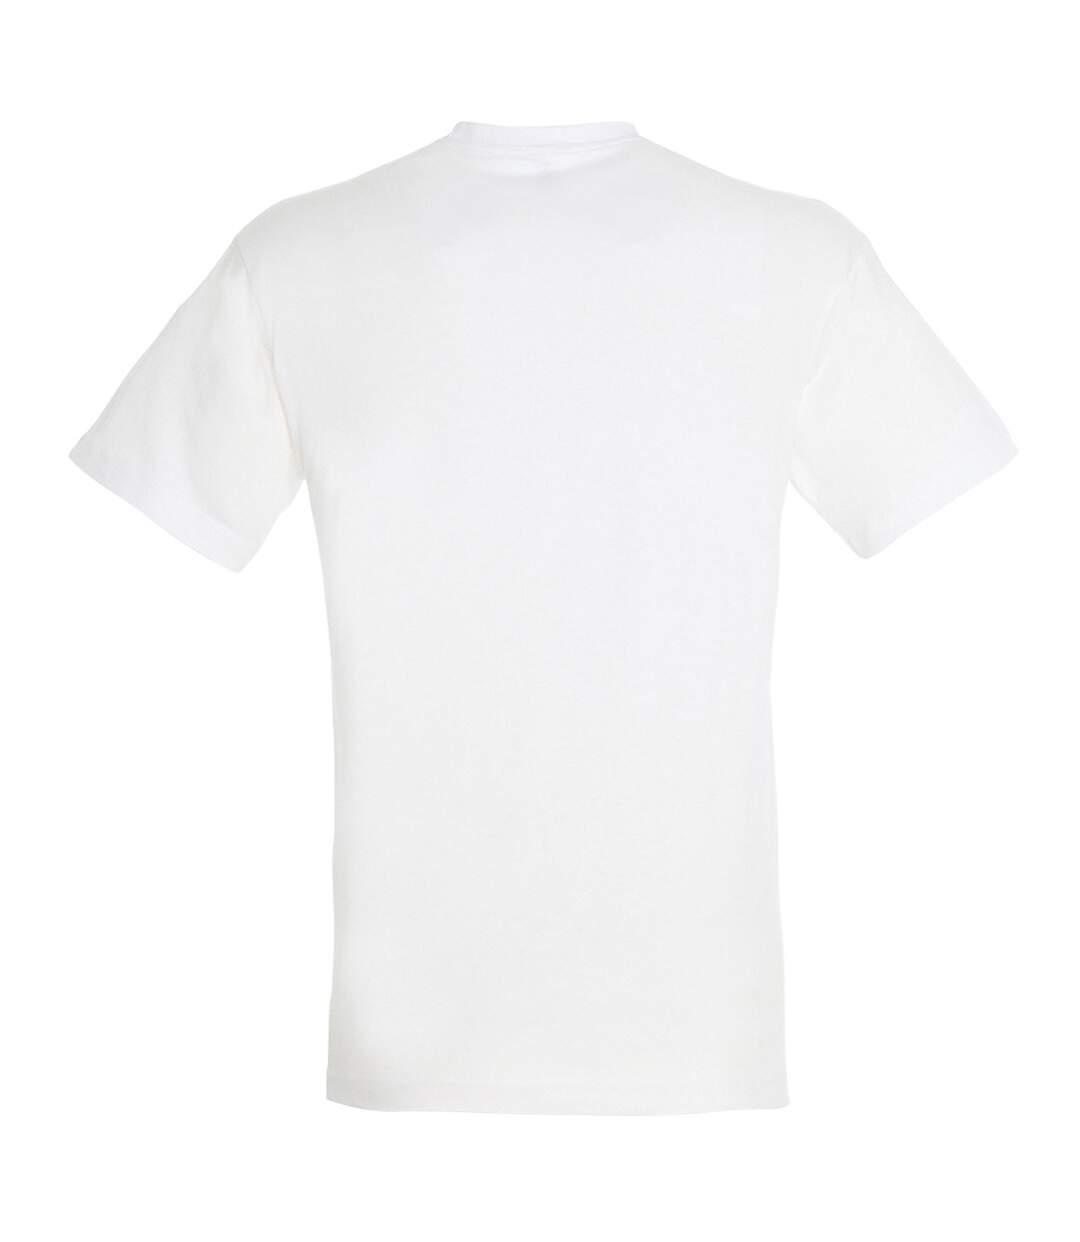 SOLS Mens Regent Short Sleeve T-Shirt (White) - UTPC288